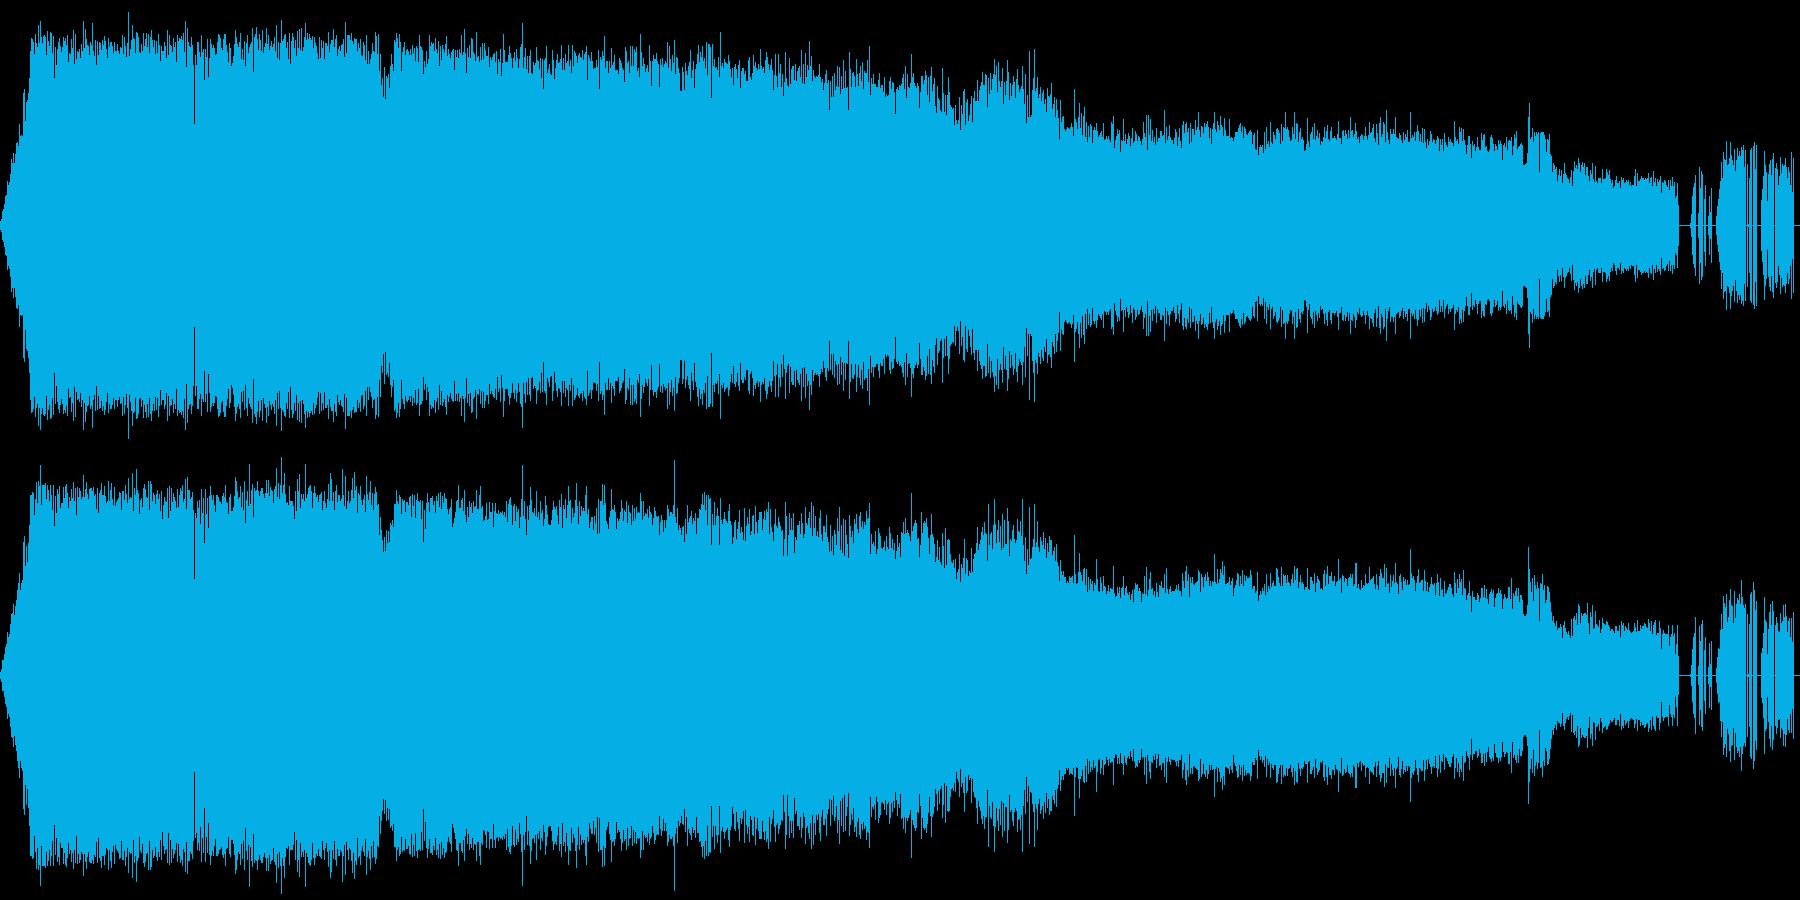 クツワムシの鳴き声【ガチャガチャ】の再生済みの波形